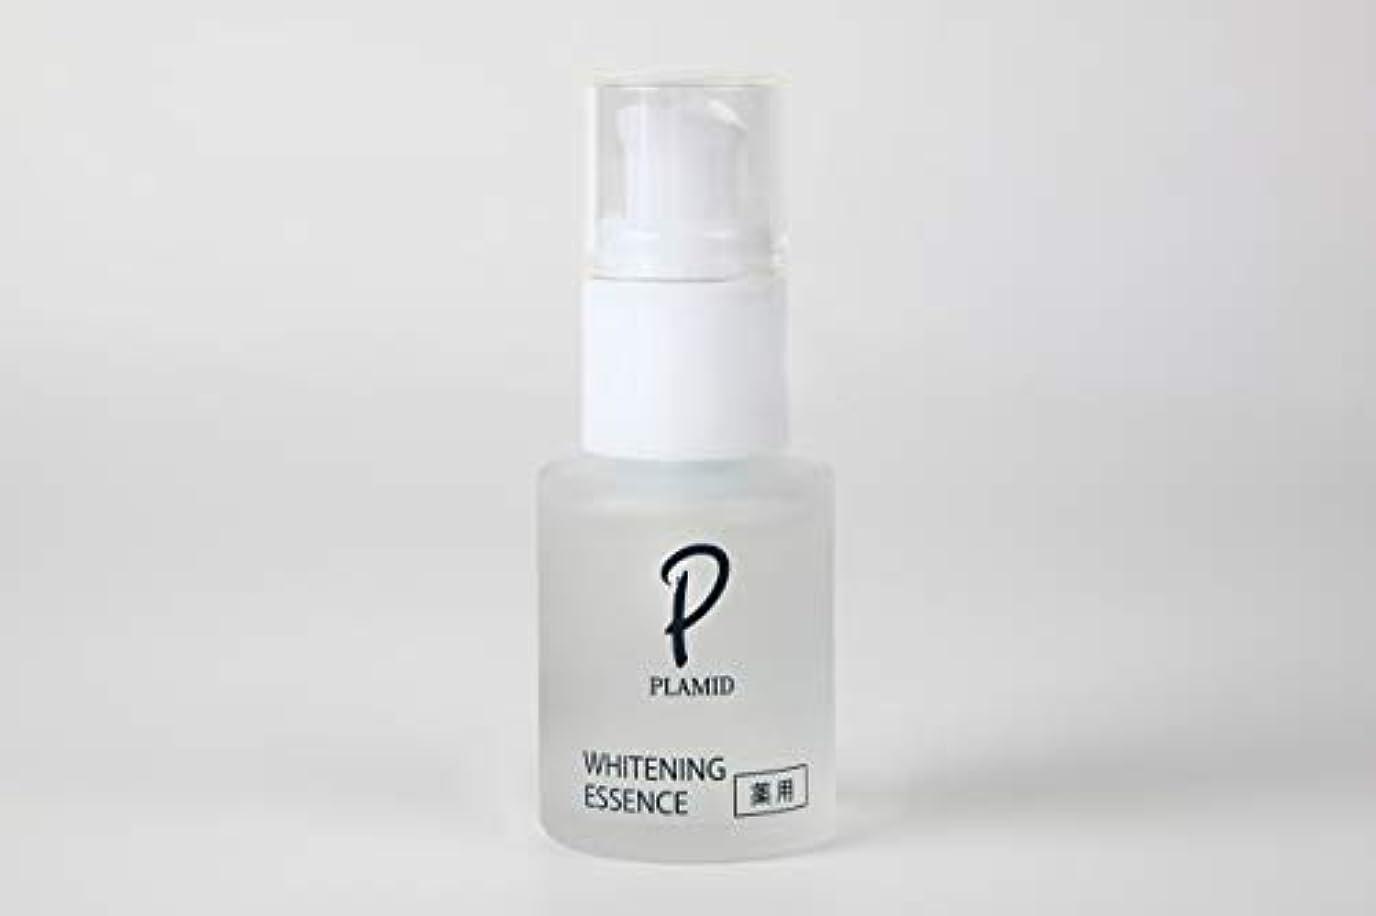 フラッシュのように素早くたっぷりストリップ【医薬部外品】PLAMID プラミドホワイトニングエッセンス(30mL)プラセンタエキス、アルブチン、グリチルリチン酸2K配合